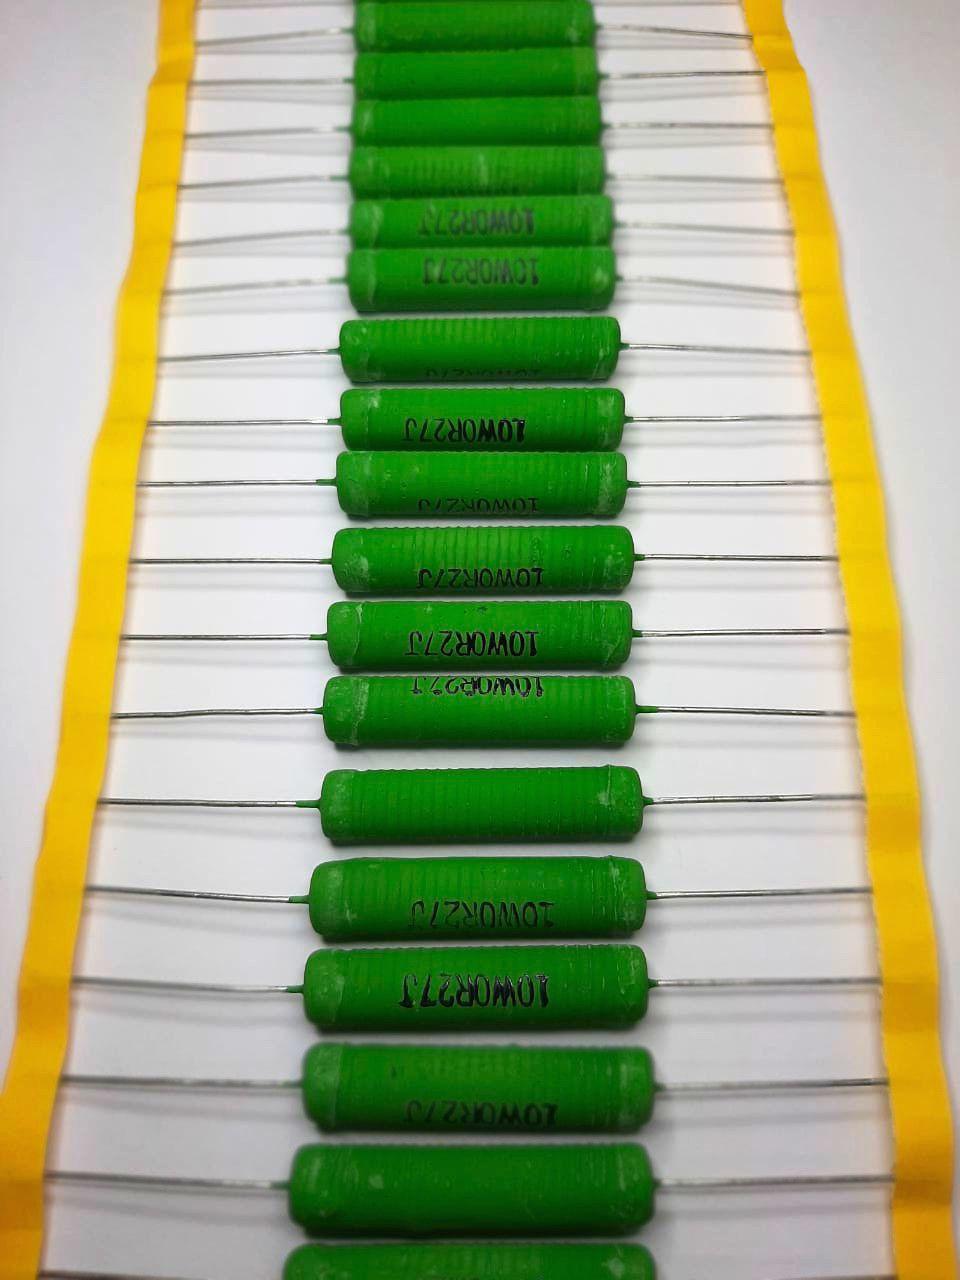 Resistores de Fio 10WS 5% Valores 1R0 Até 820R Caixa com 300 Peças